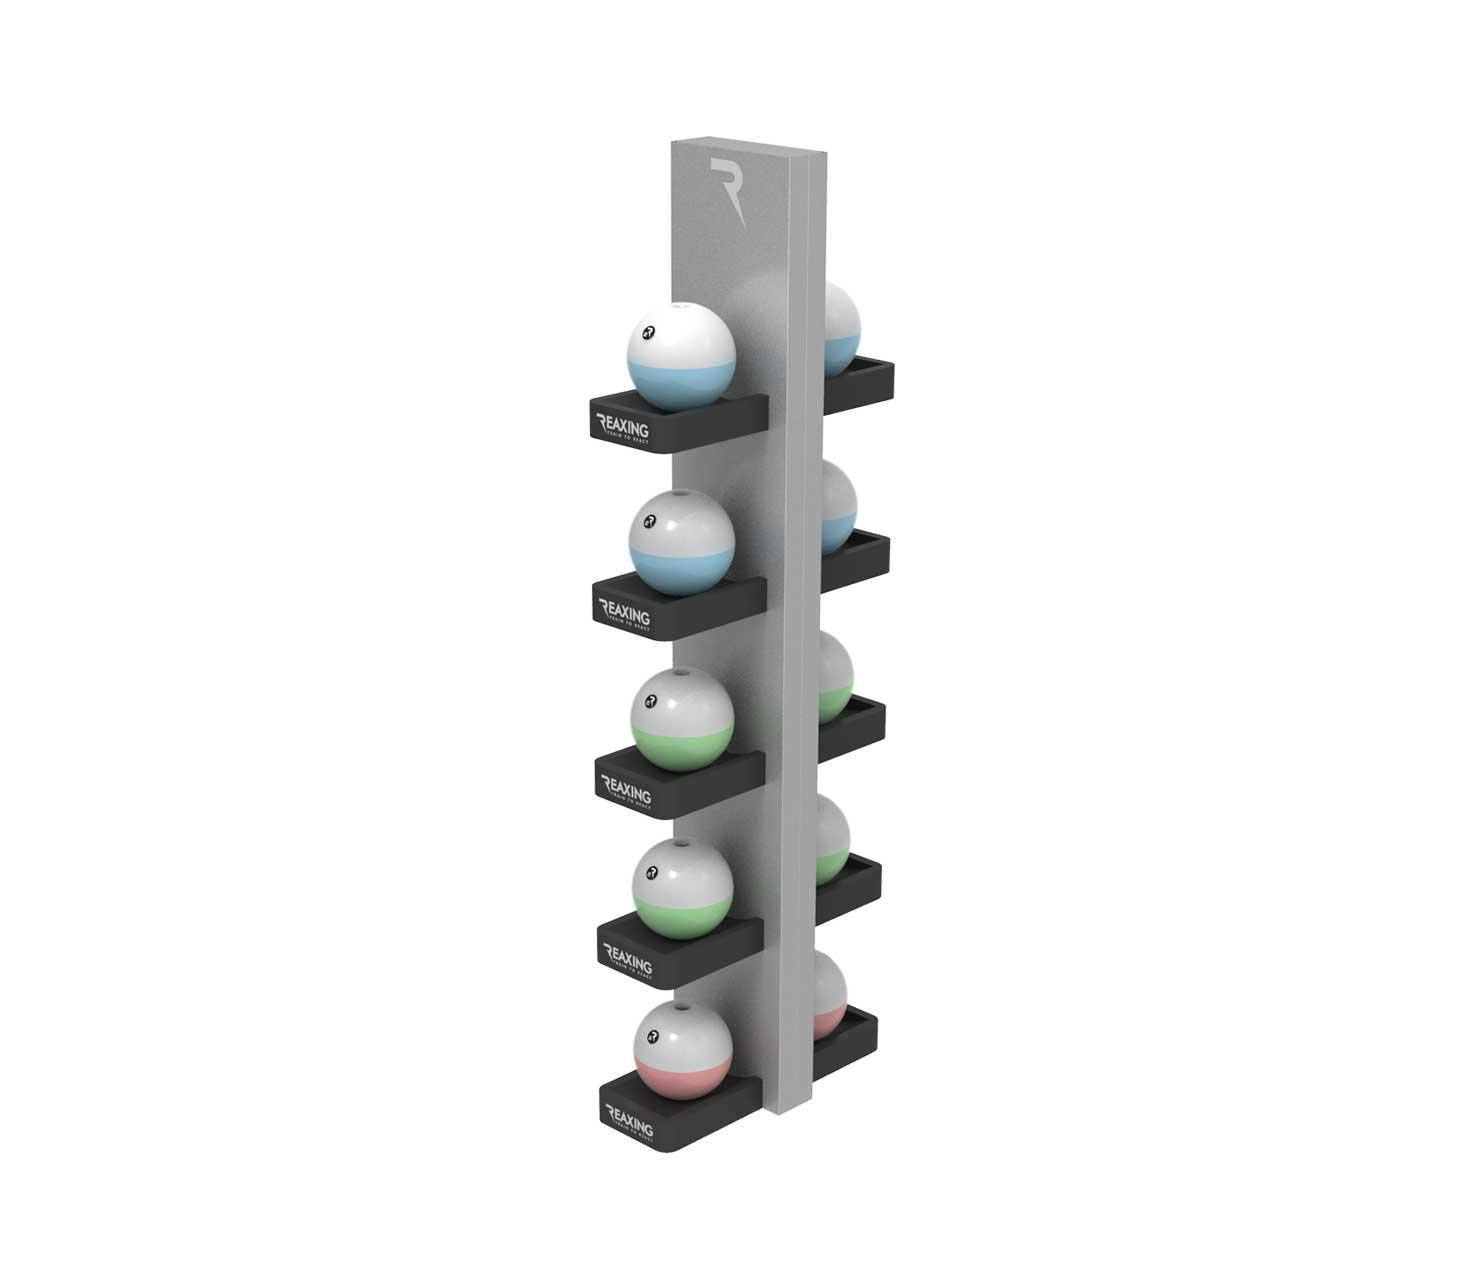 rx1380-reax-weights-vertical-storage-2